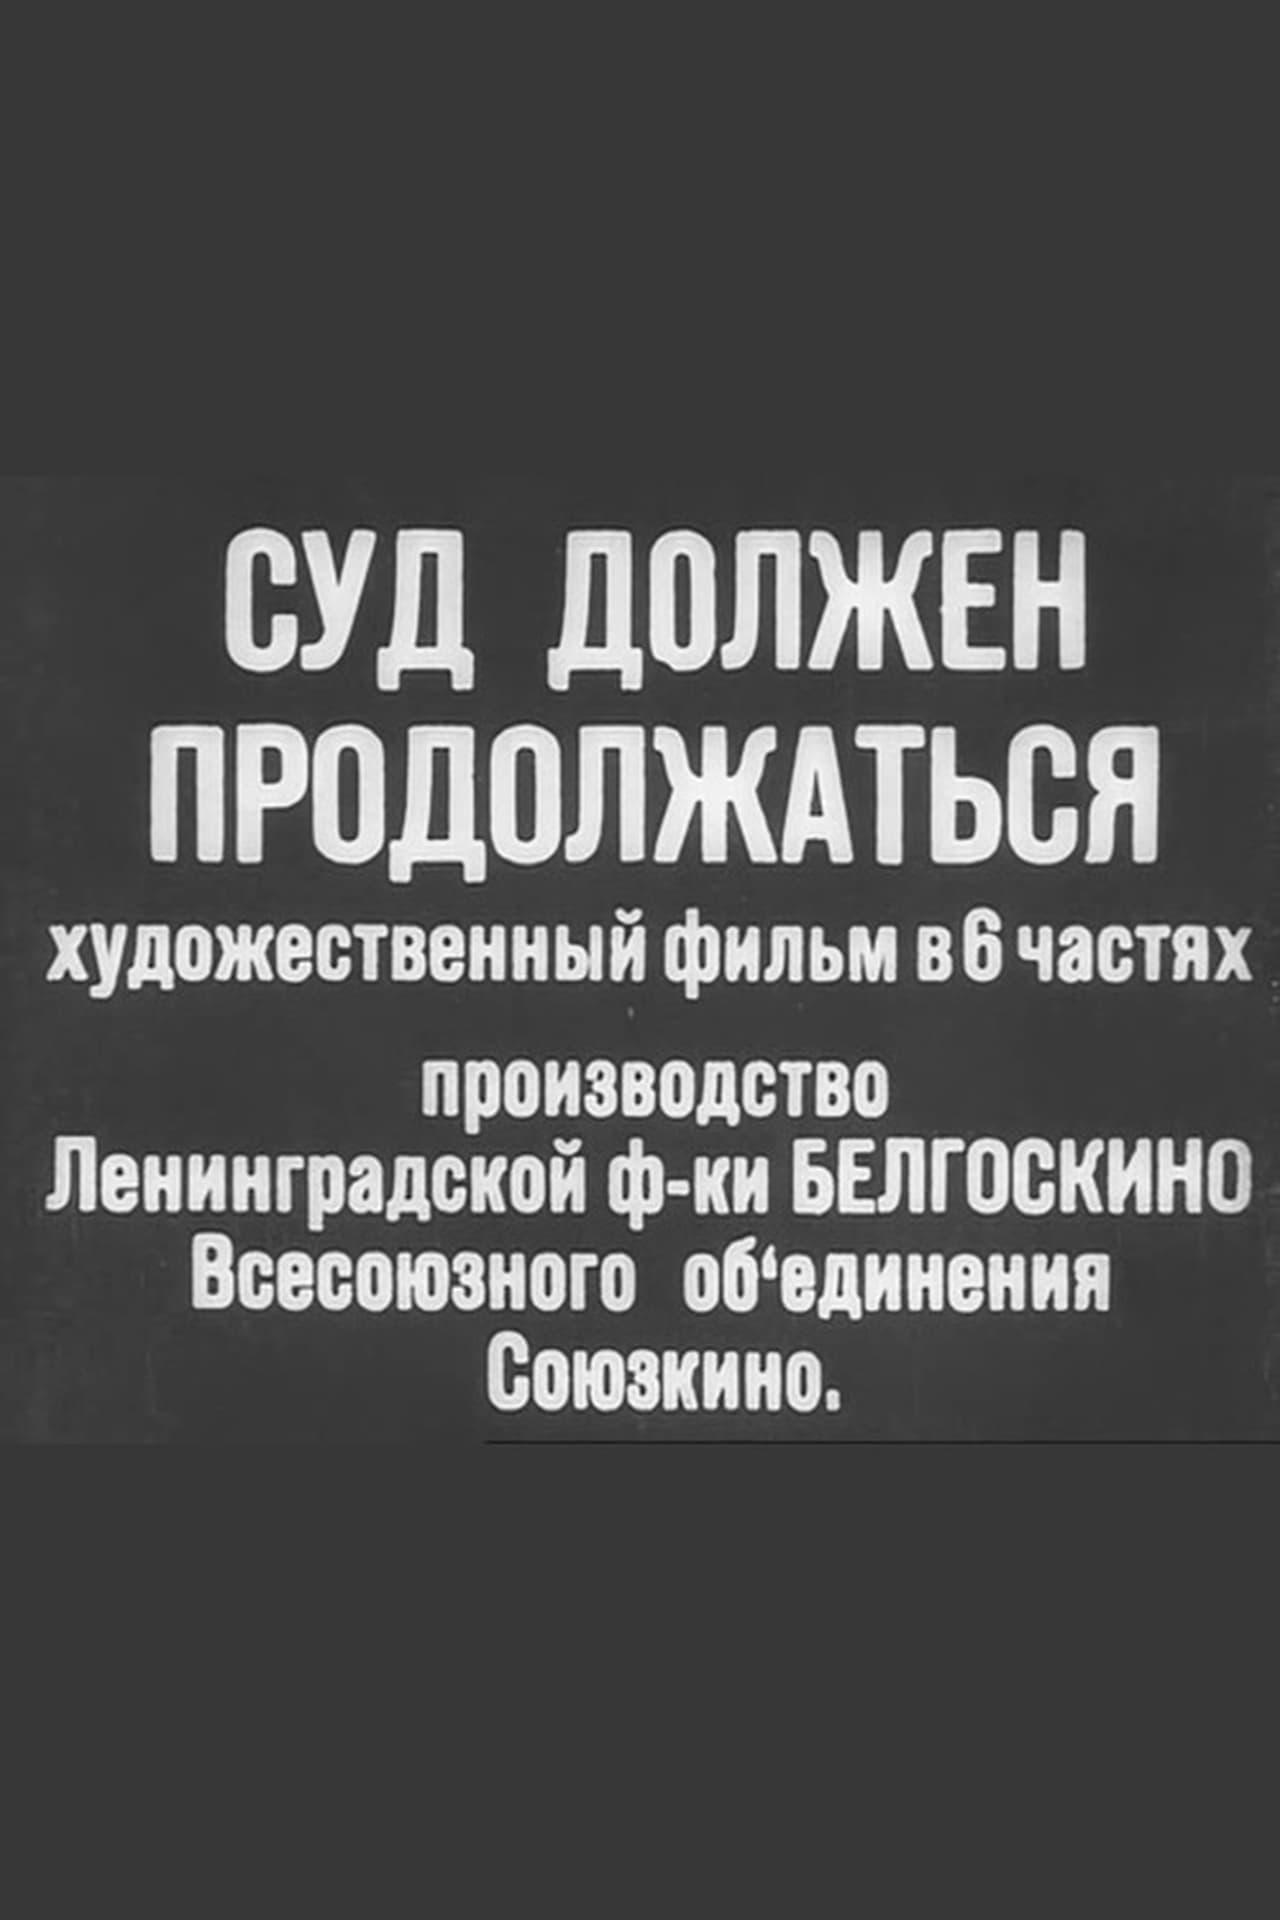 Sud dolzhen prodolzhatsya